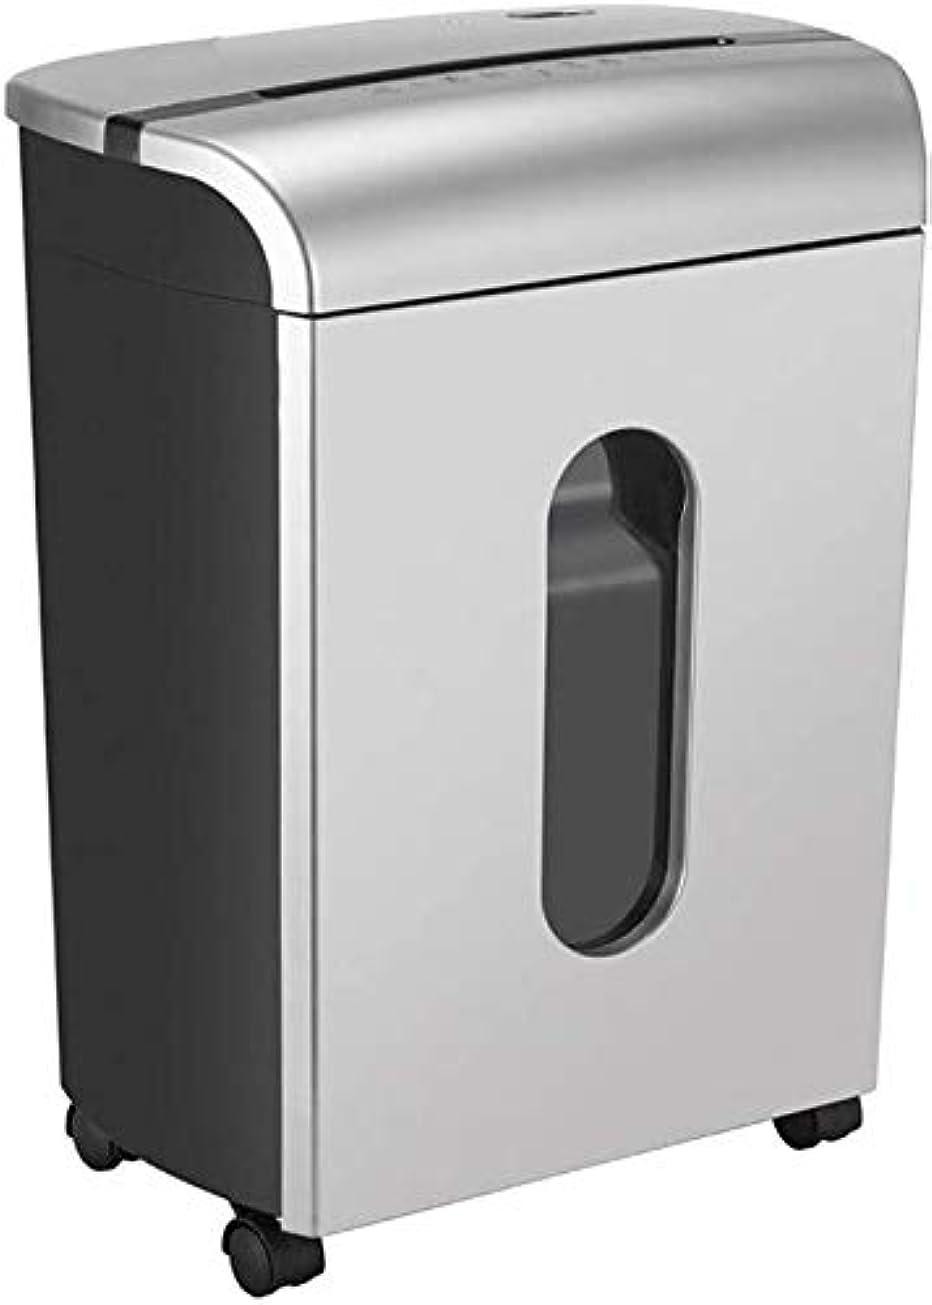 蒸発周り水を飲むオフィスでの使用シュレッダーサイレント家庭用小型シュレッダーミニ多機能ファイルシュレッディングのための家庭用クロスカットヘビーデューティシュレッダーシュレッダー